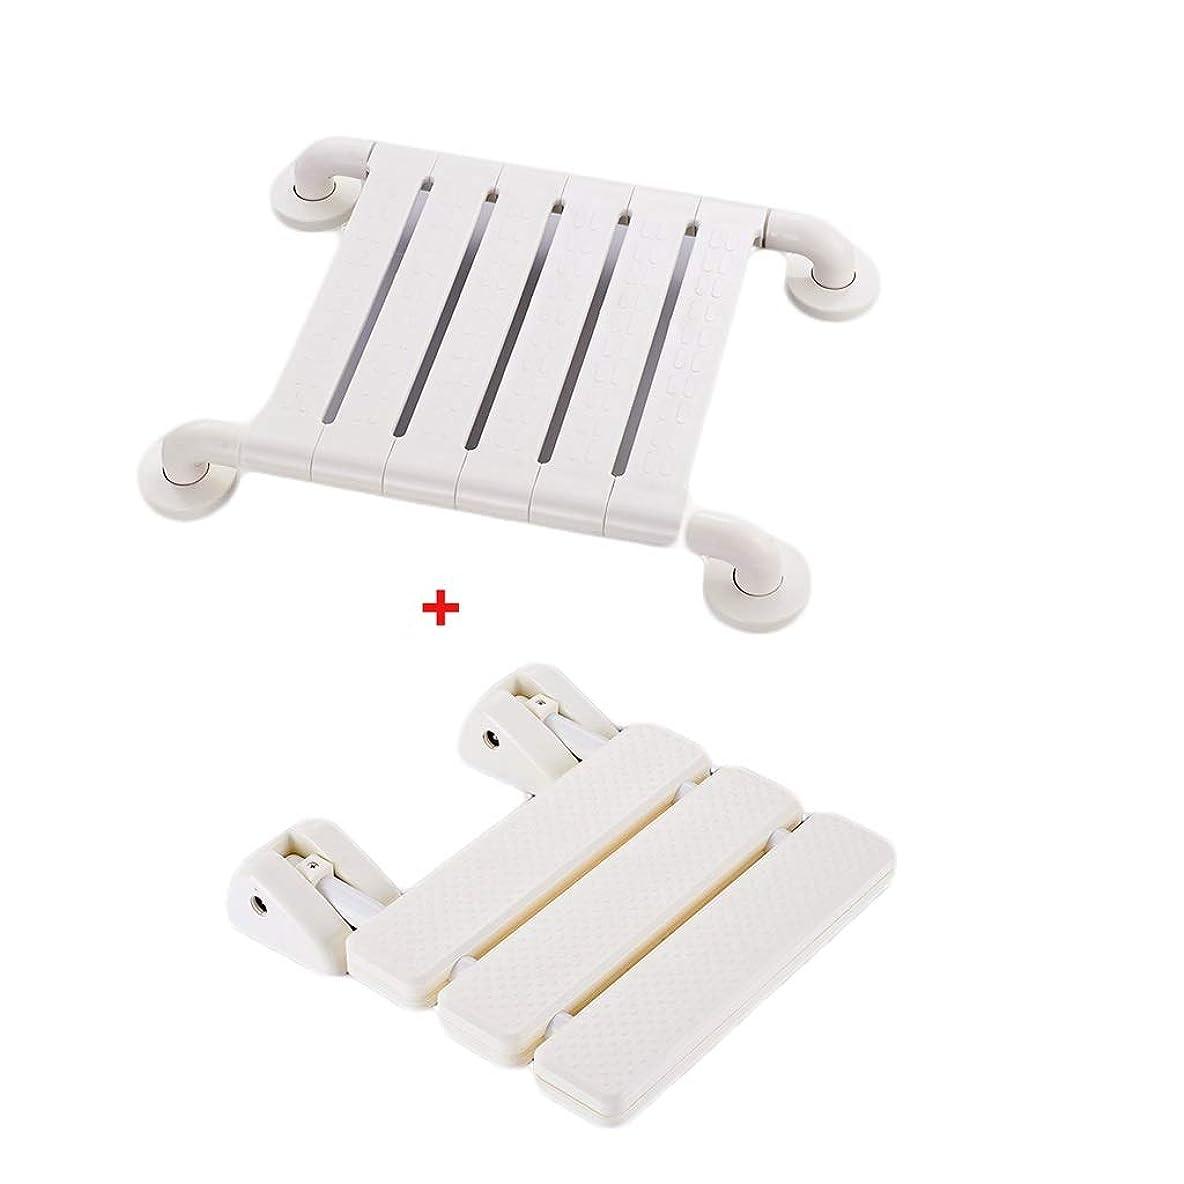 枕取得するエイズバスルーム シャワーチェア シャワーチェア 浴室のシャワーの壁チェアスツール風呂椅子背もたれ折りたたみスツール重量200キロ (Color : White)